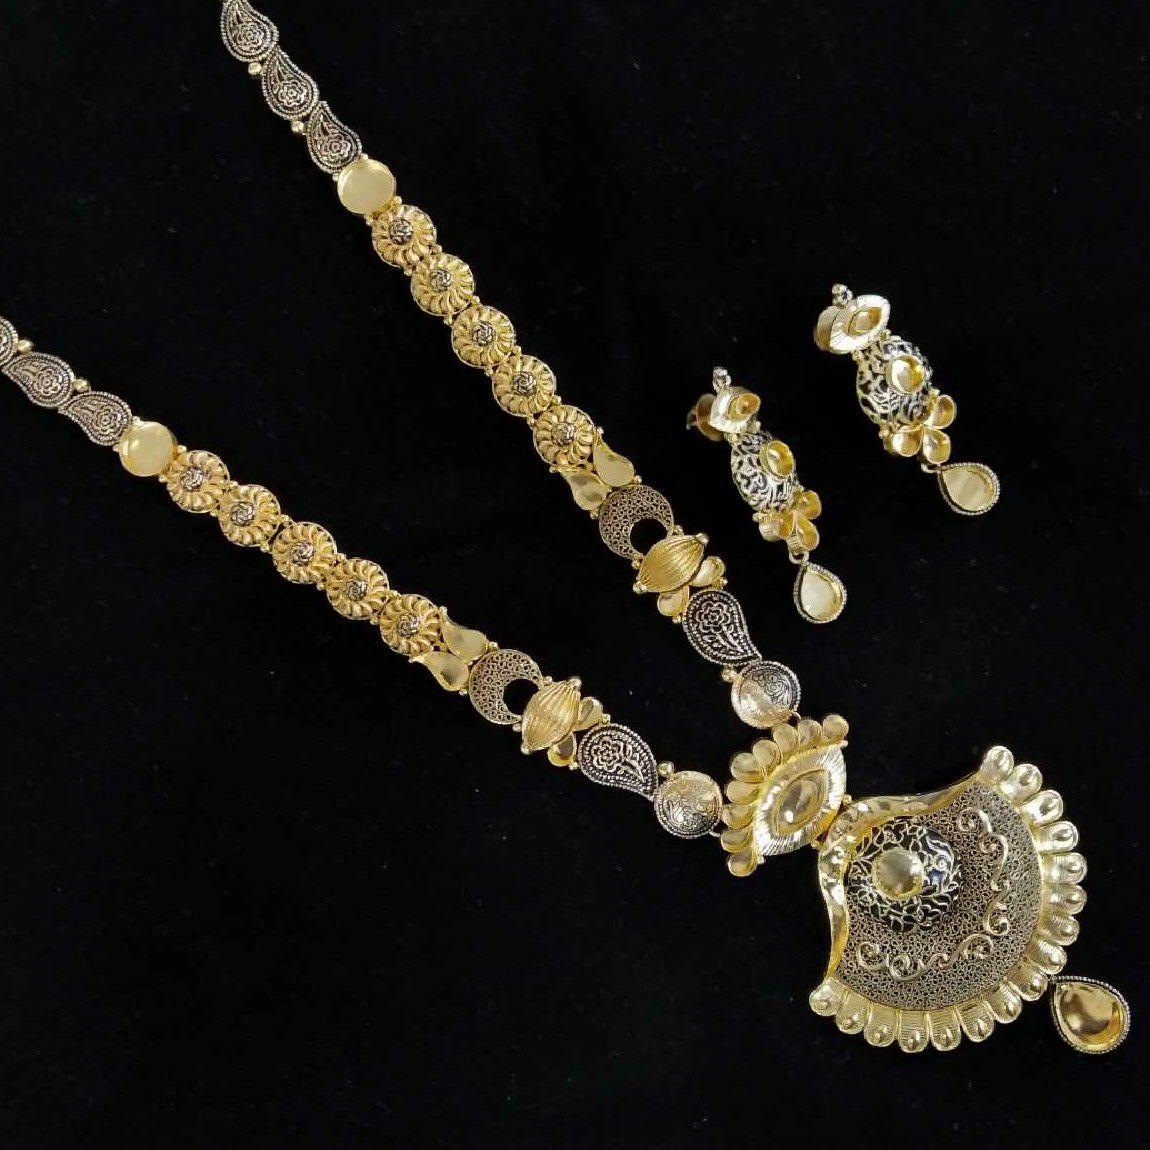 22kt Antique Gold Long Jadtar Necklace Set